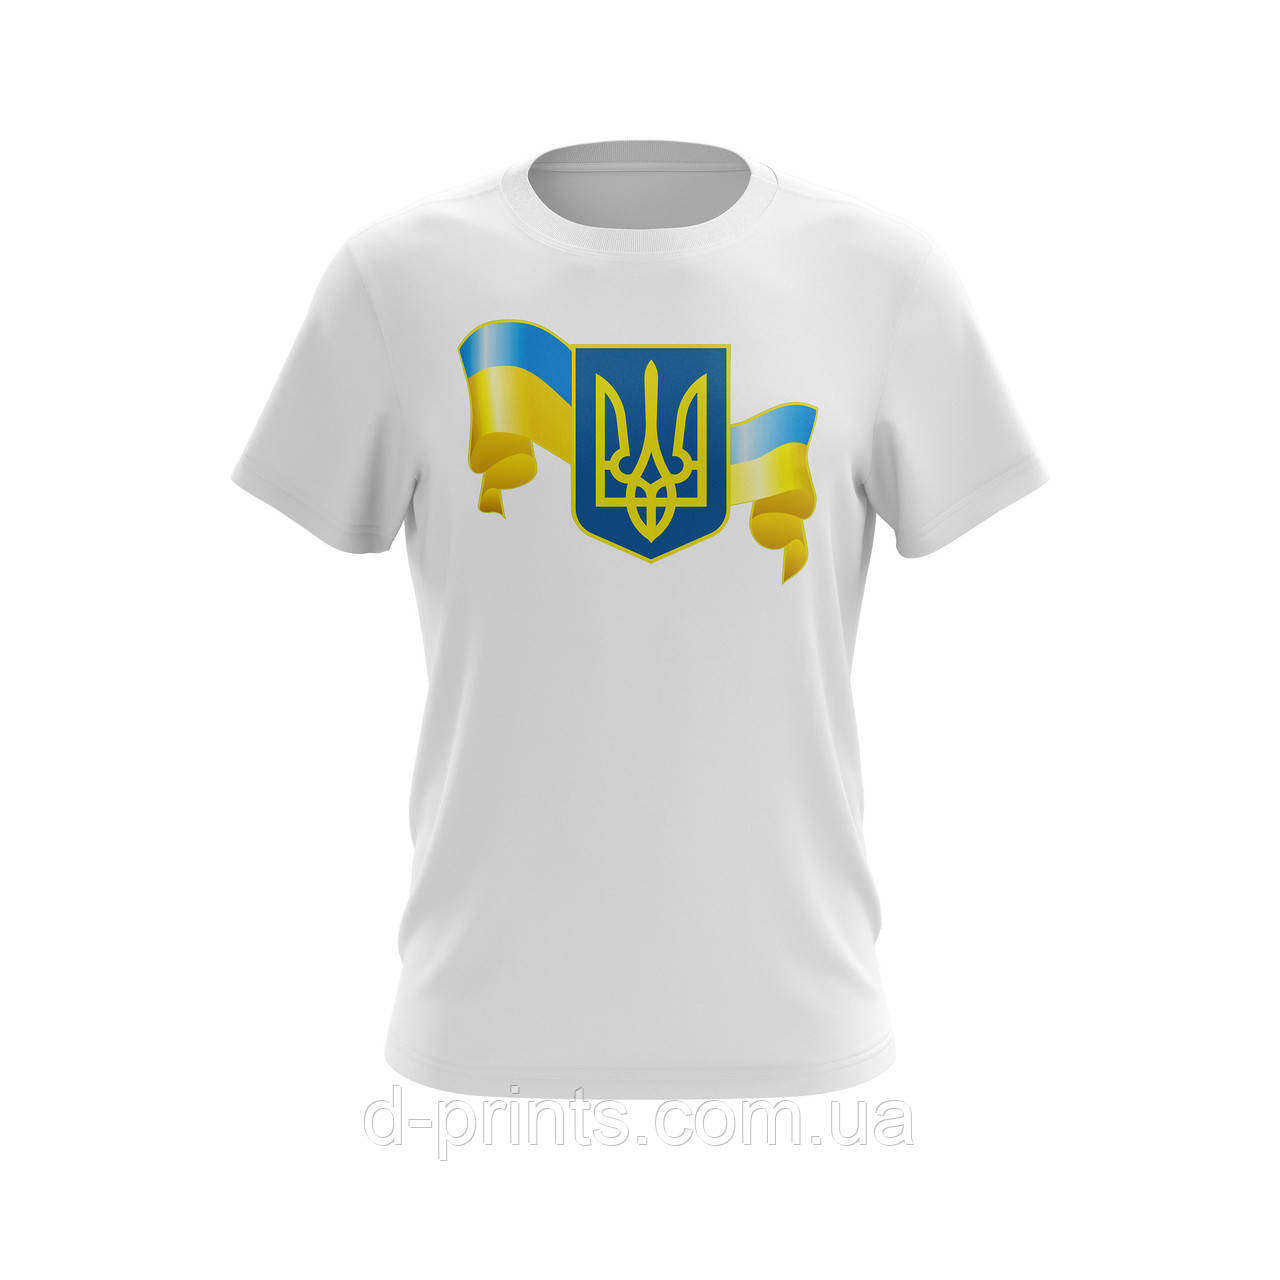 """Футболка чоловіча з малюнком """"Україна"""" MF-12-07"""